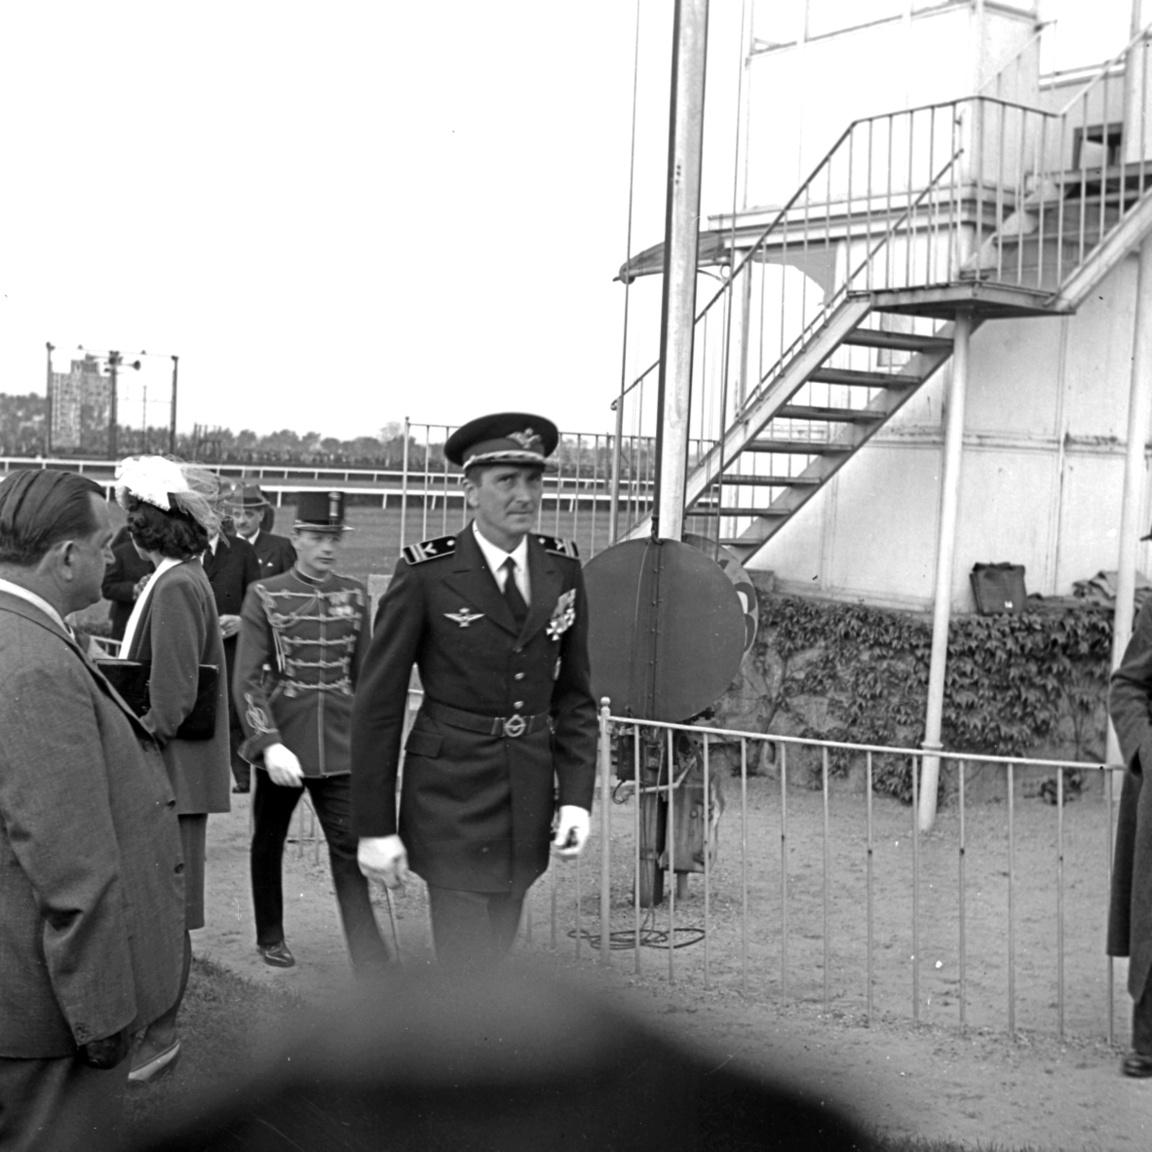 A lóverseny Magyarországon is fontos társadalmi esemény volt. A kormányzó, Horthy Miklós családja is többször megjelent. A családban voltak lófuttatók is. A fiatalabb Petanovits 1938-ban a célbírói torony meleltt elsétáló Horthy Istvánról készített képet.